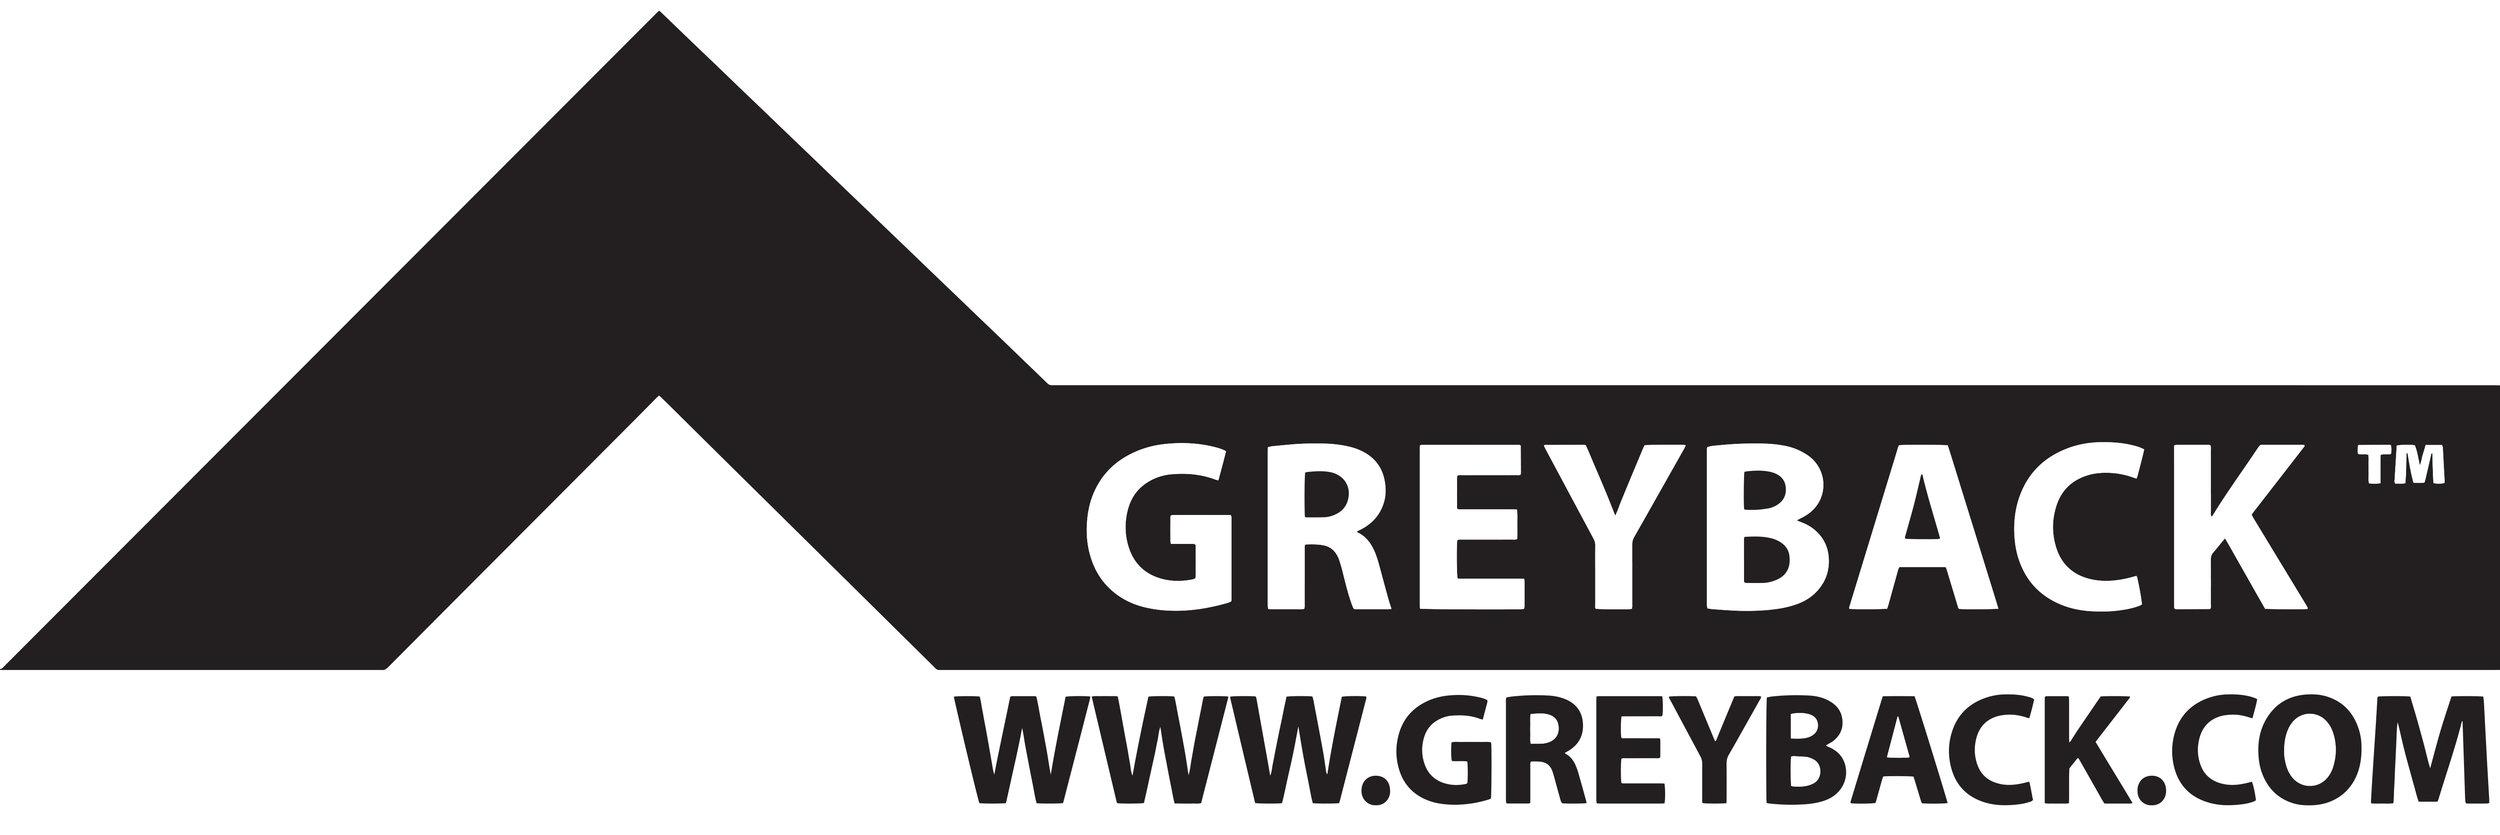 Greyback Logo 2016.jpg